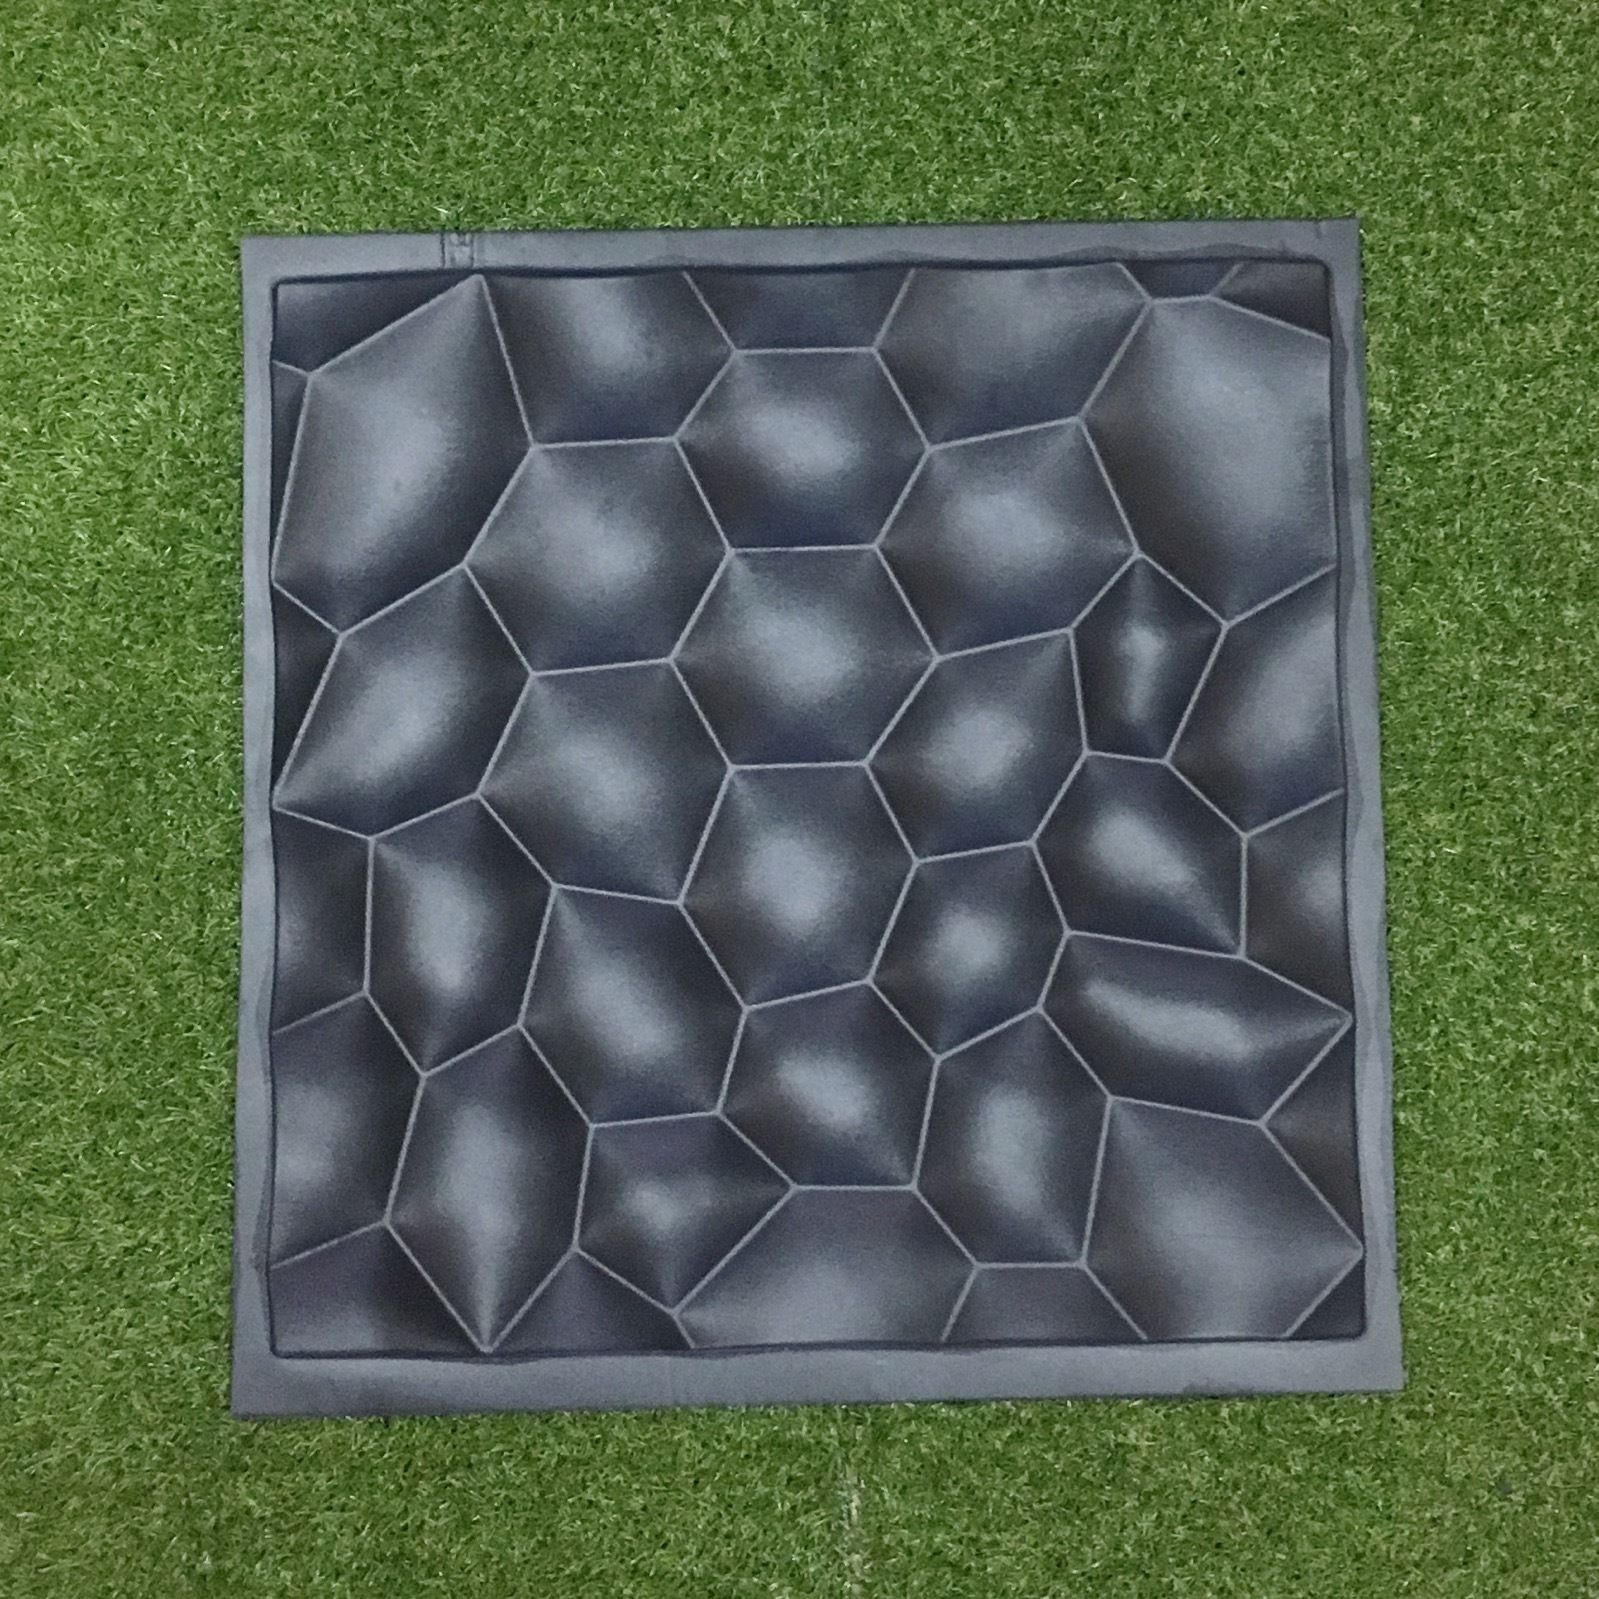 Sculpting, Molding & Ceramics *shell* 3d Decorative Wall Panels 1 Pcs Abs Plastic Mold For Plaster Light Equipment & Tools